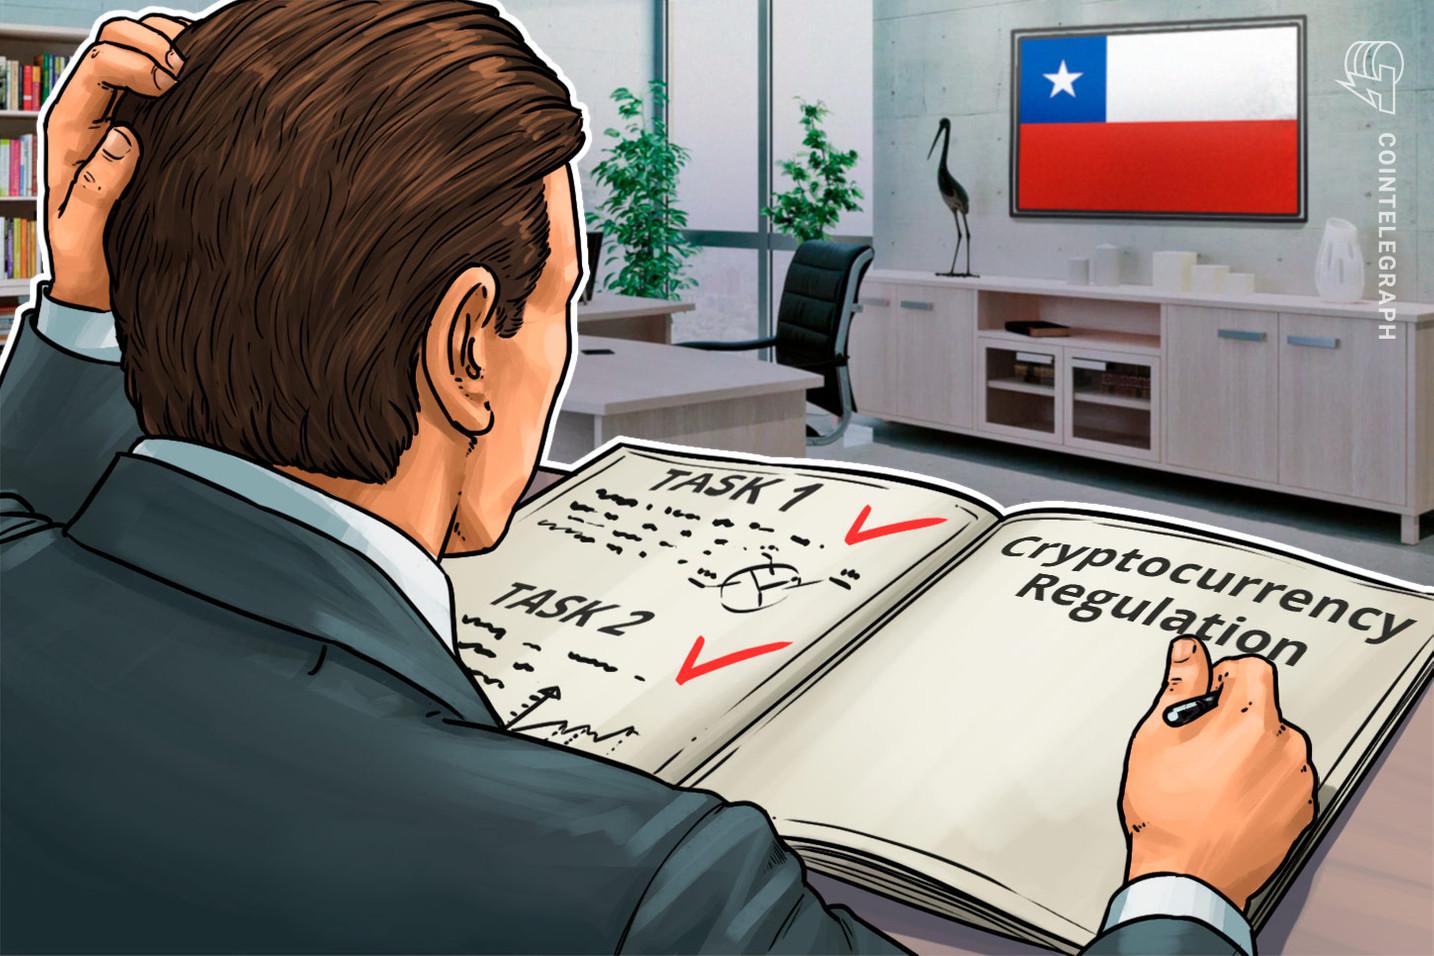 الحكومة التشيلية تقدم مشروع قانون جديد للعملات المشفرة والتكنولوجيا المالية إلى الكونغرس